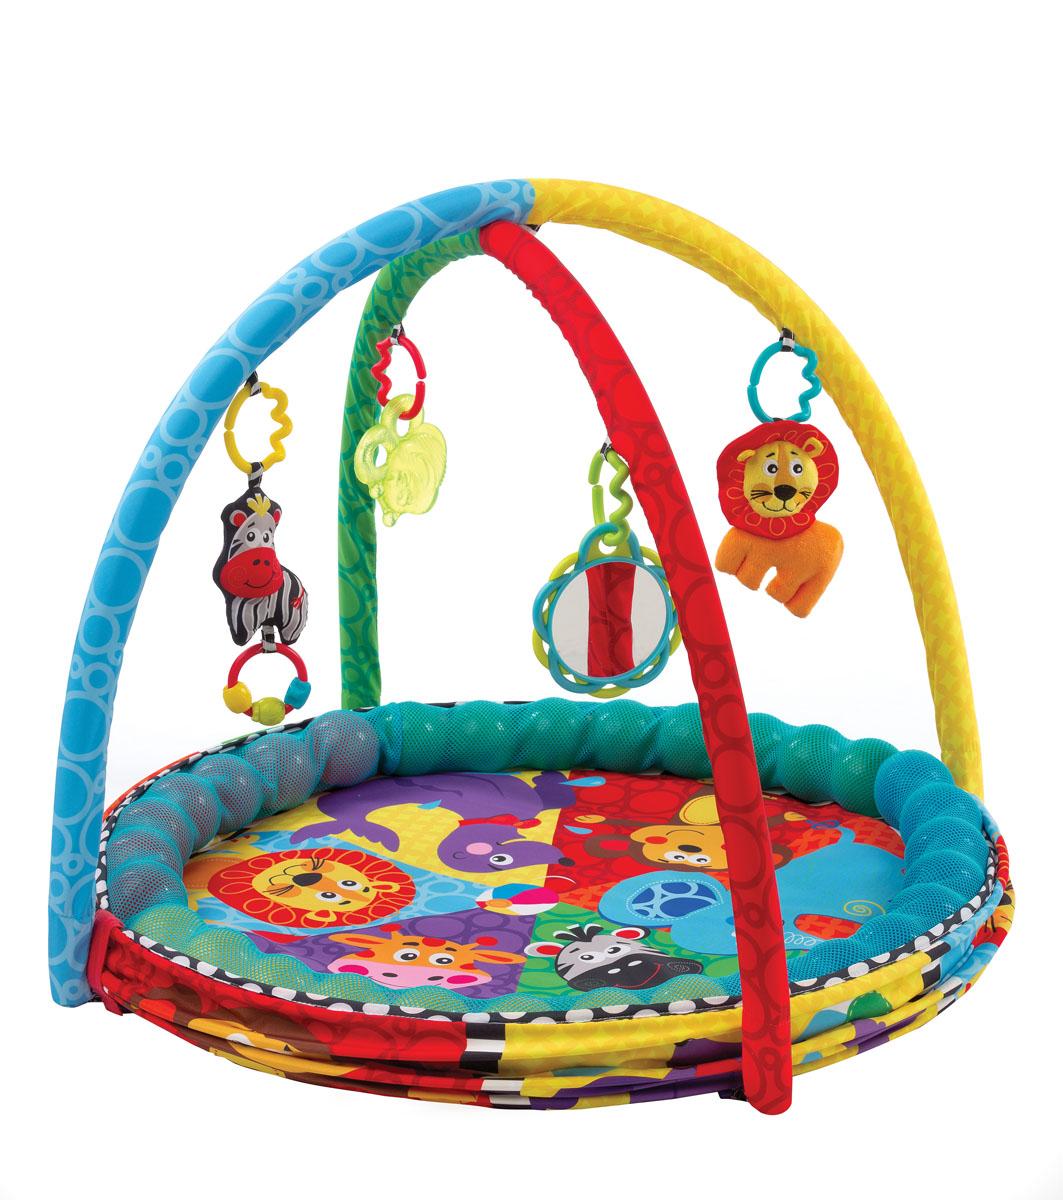 Playgro Развивающий коврик Цирк0184007Яркий и привлекающий внимание развивающий коврик Цирк предназначен для малышей первого года жизни. В комлект входит: две разноцветные дуги, на которые цепляются забавные игрушки; целый набор цветных шариков, для хранения которых на коврике предусмотрен специальный кармашек, располагающийся по периметру. Диаметр коврика позволяет малышу комфортно расположится в нём, а высокие бортики препятствуют случайному выпадению. Также, для дополнительного комфорта коврик укомплектован полезными аксессуарами в виде зверушек помощников: пчёлка-прорезыватель, лев-погремушка, зеркальце и зебрушка. Параметры коврика: диаметр - 65 см, высота борта - 20 см.